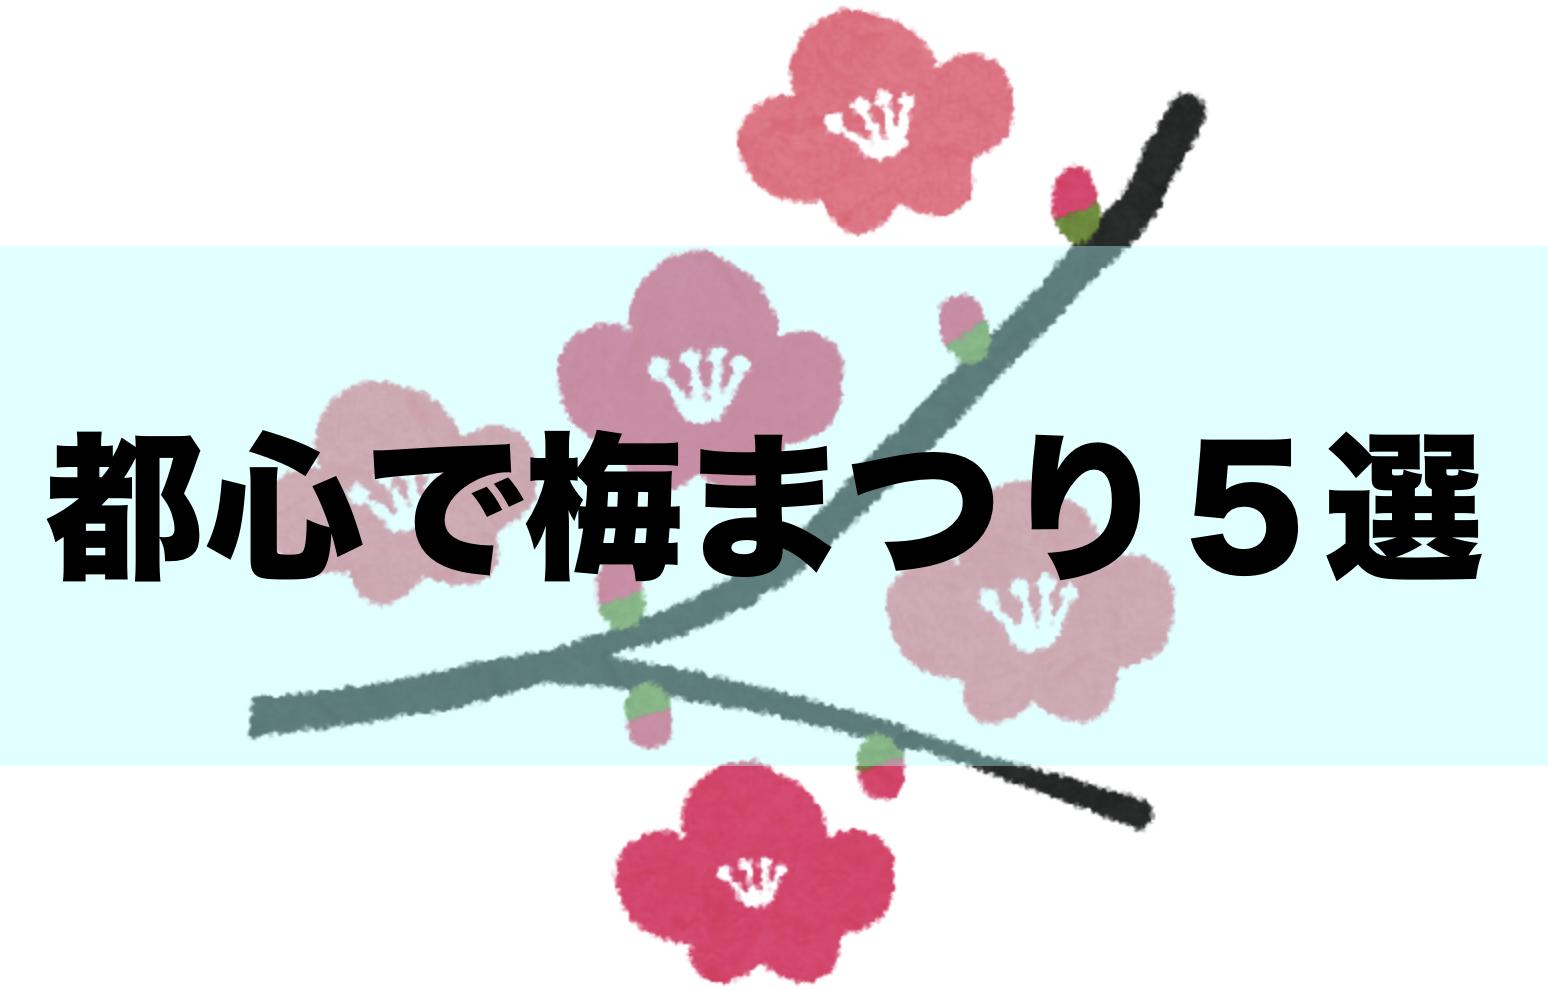 【東京】都心で梅の花2020、梅まつりとおすすめスポット5選!